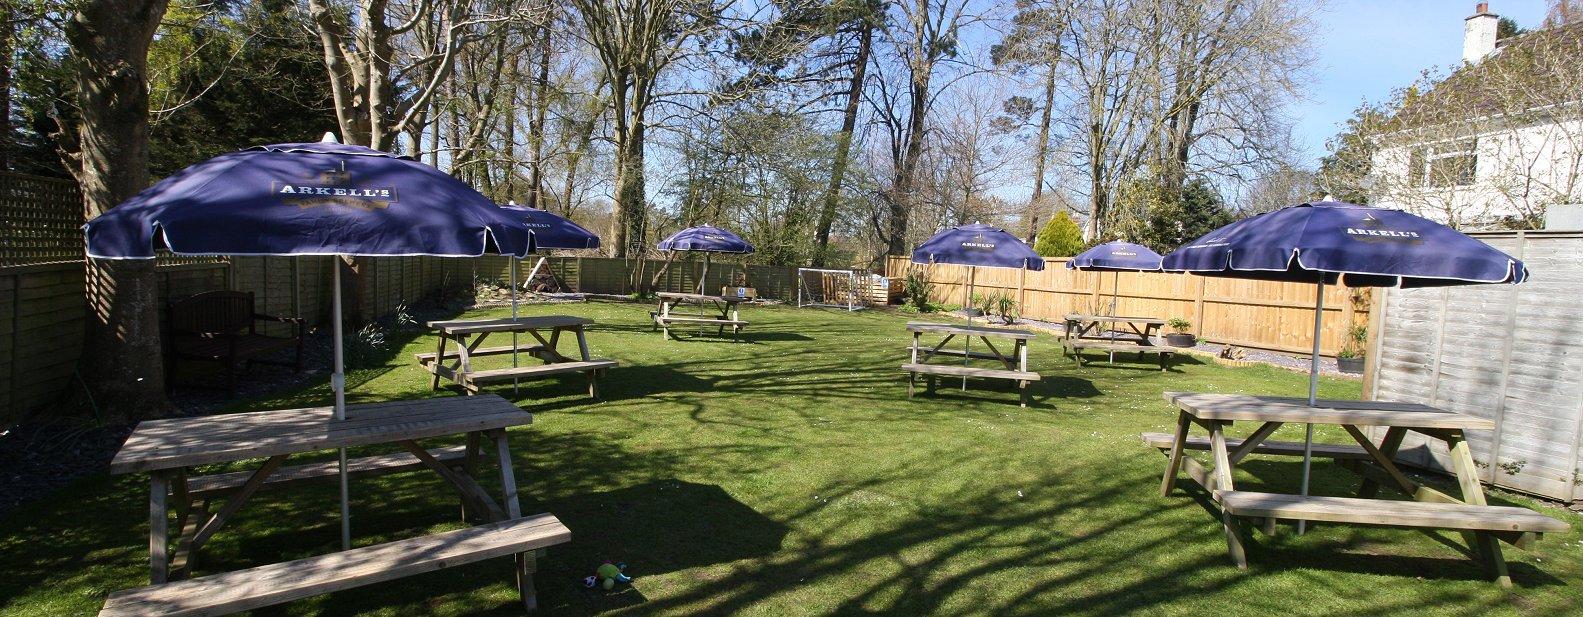 The Volunteer, Great Somerford, Pub Food & Functions nr Malmesbury/Chippenham/Swindon